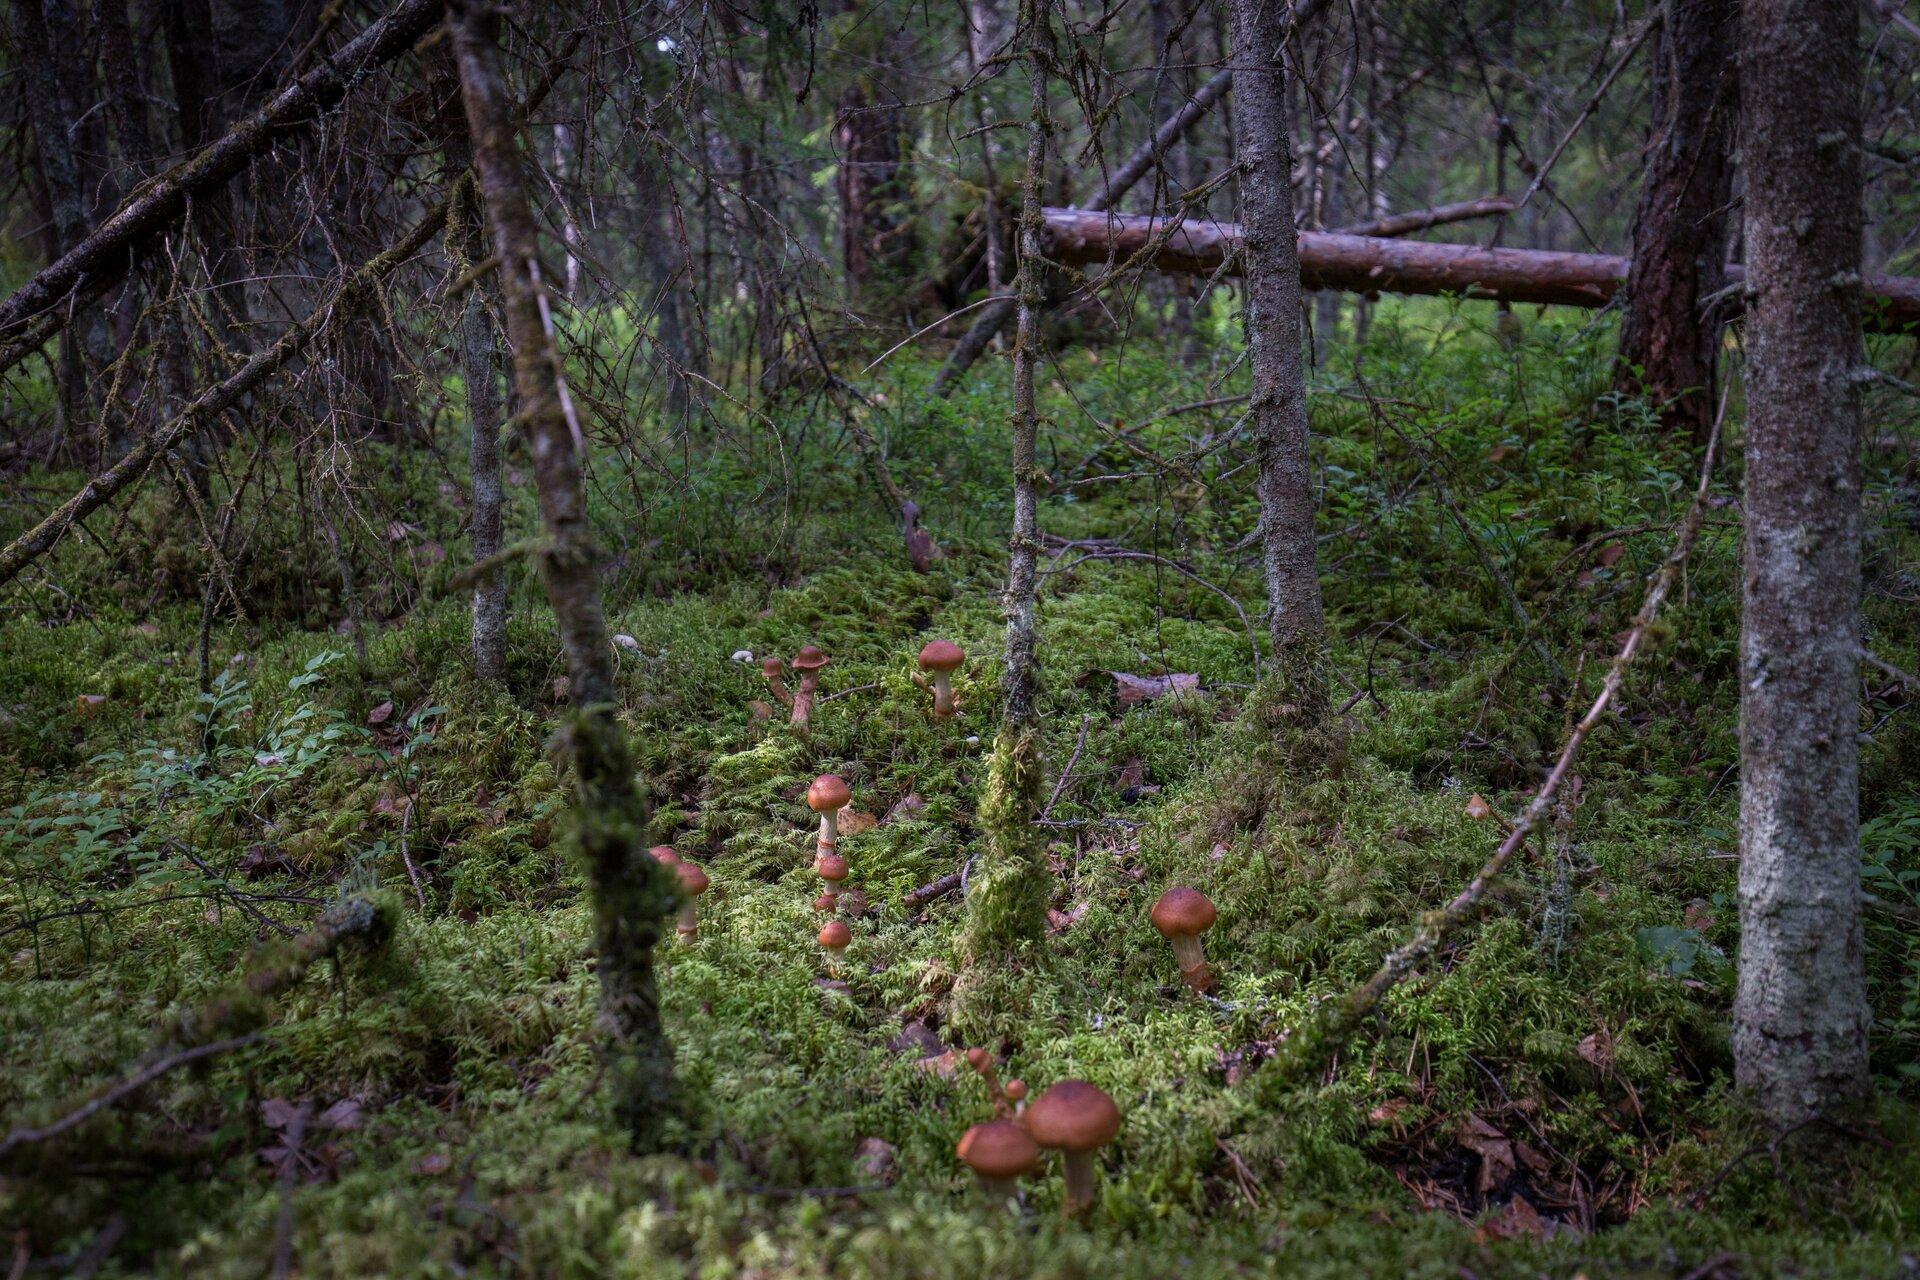 Fotografia prezentuje runo leśne składające się zmchów, wktórym widoczne są brązowe kapelusze grzybów.